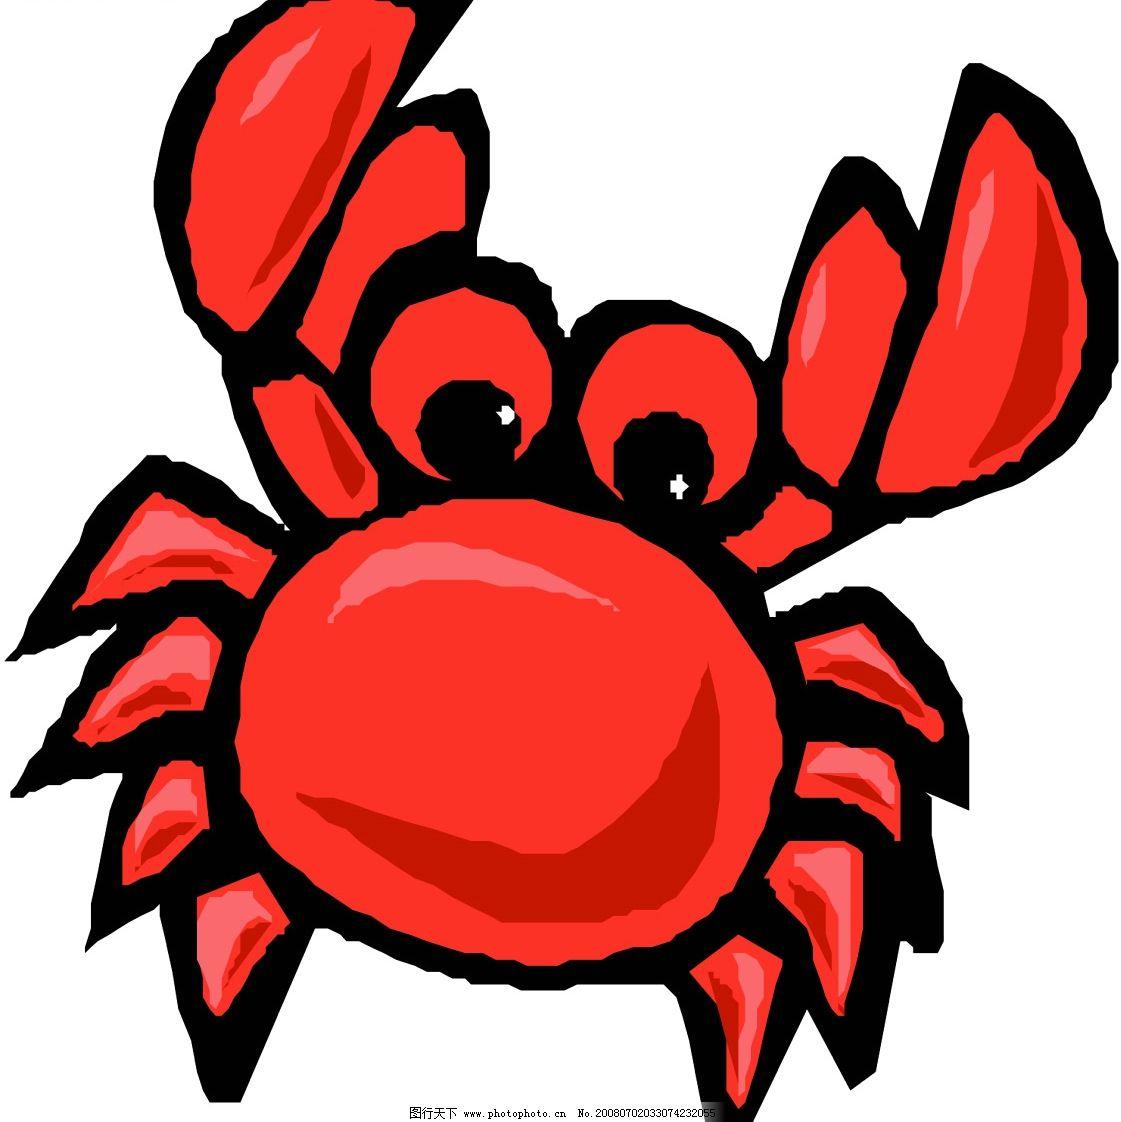 卡通大螃蟹 美观 可爱 矢量大螃蟹 源文件库